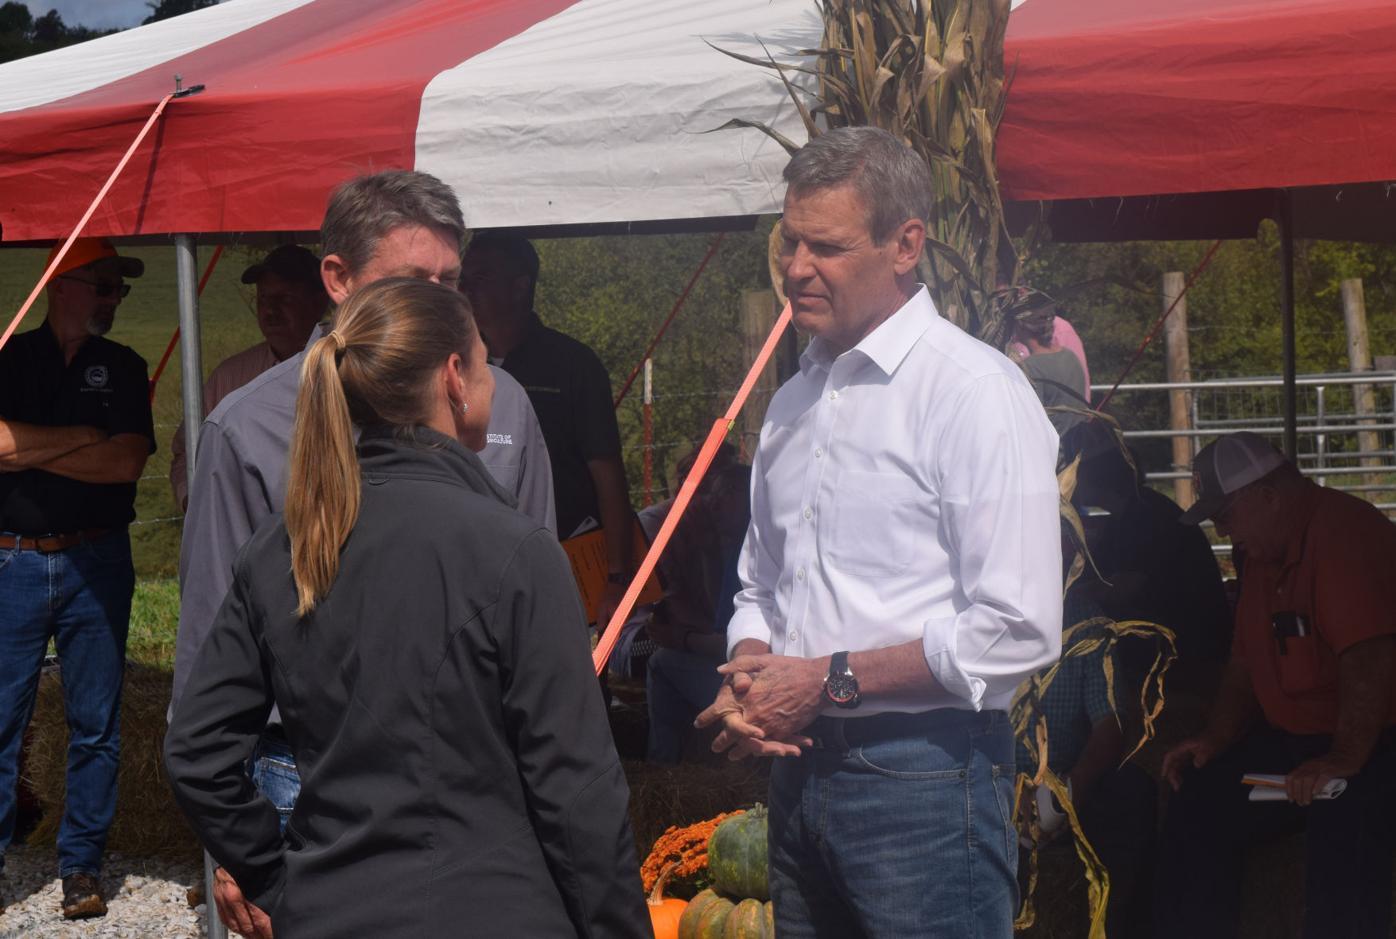 Governor visits local farm